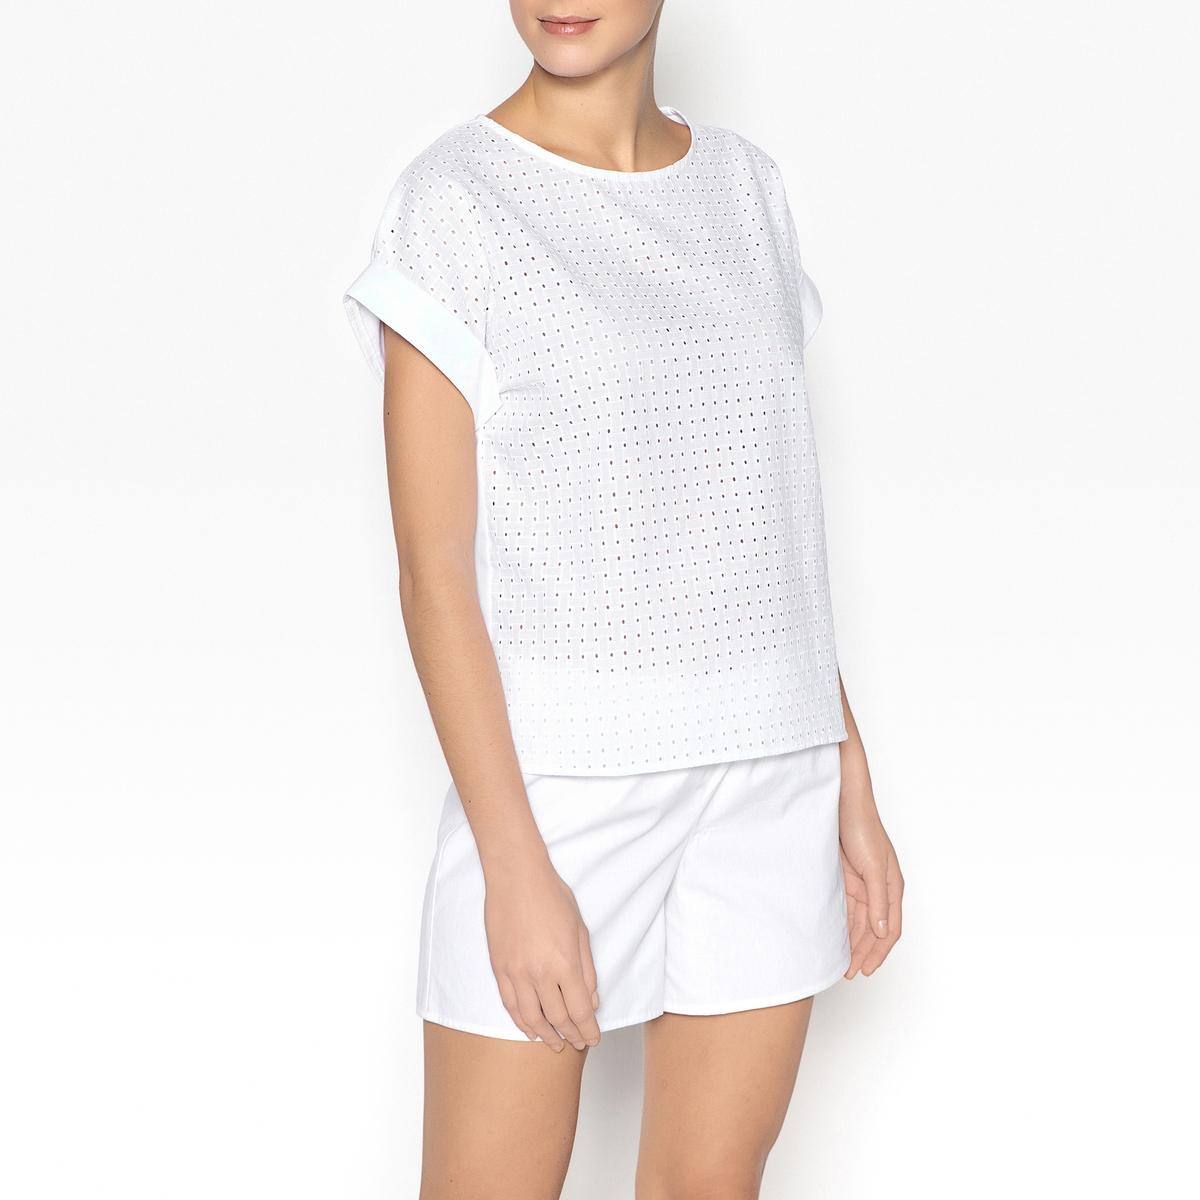 Пижама с шортами, 100% хлопок пижама с шортами с рисунком